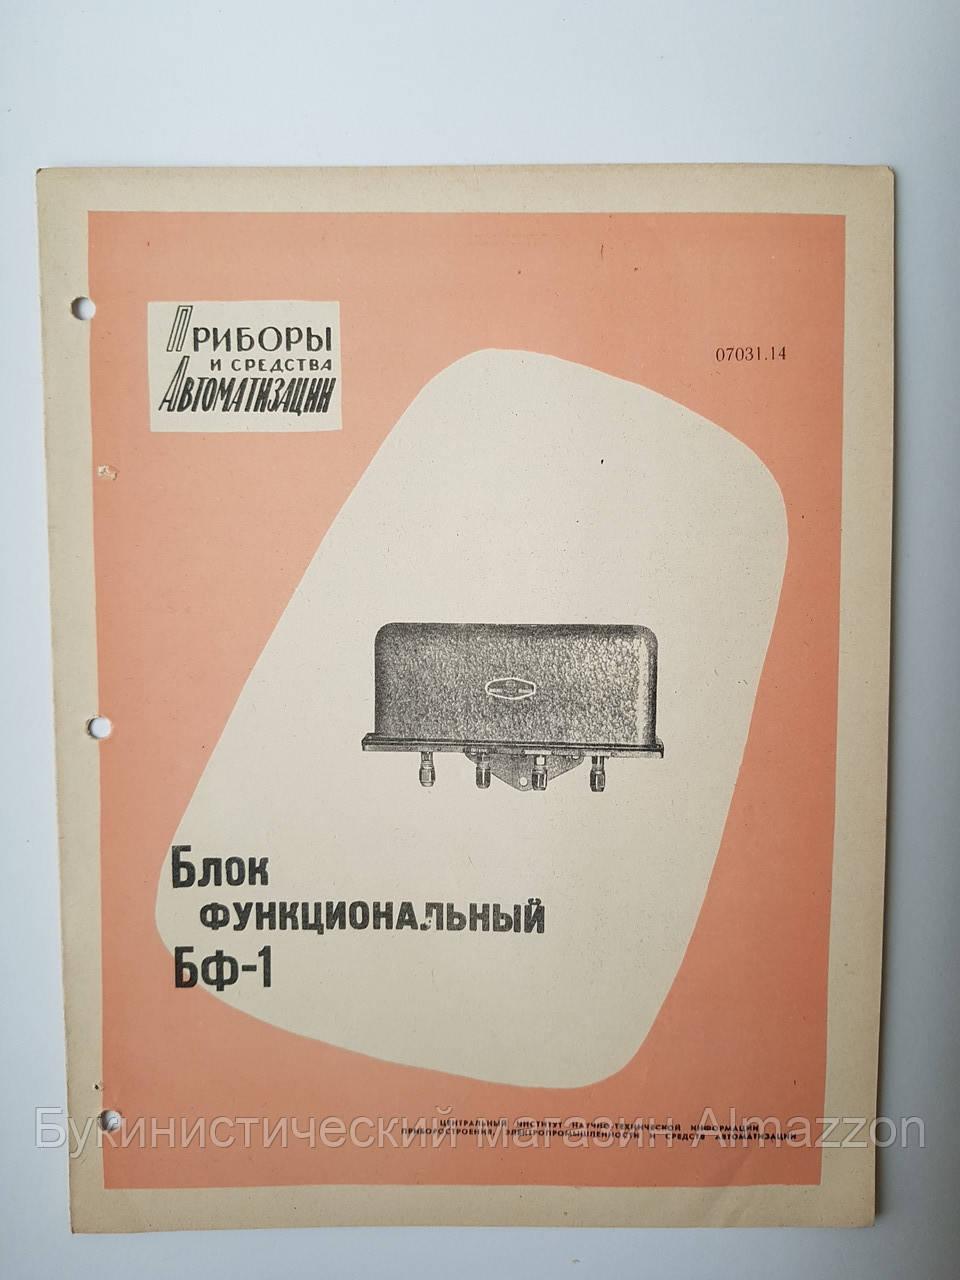 """Журнал (Бюллетень) """"Блок функциональный Бф-1  07031.14"""" 1962 г."""